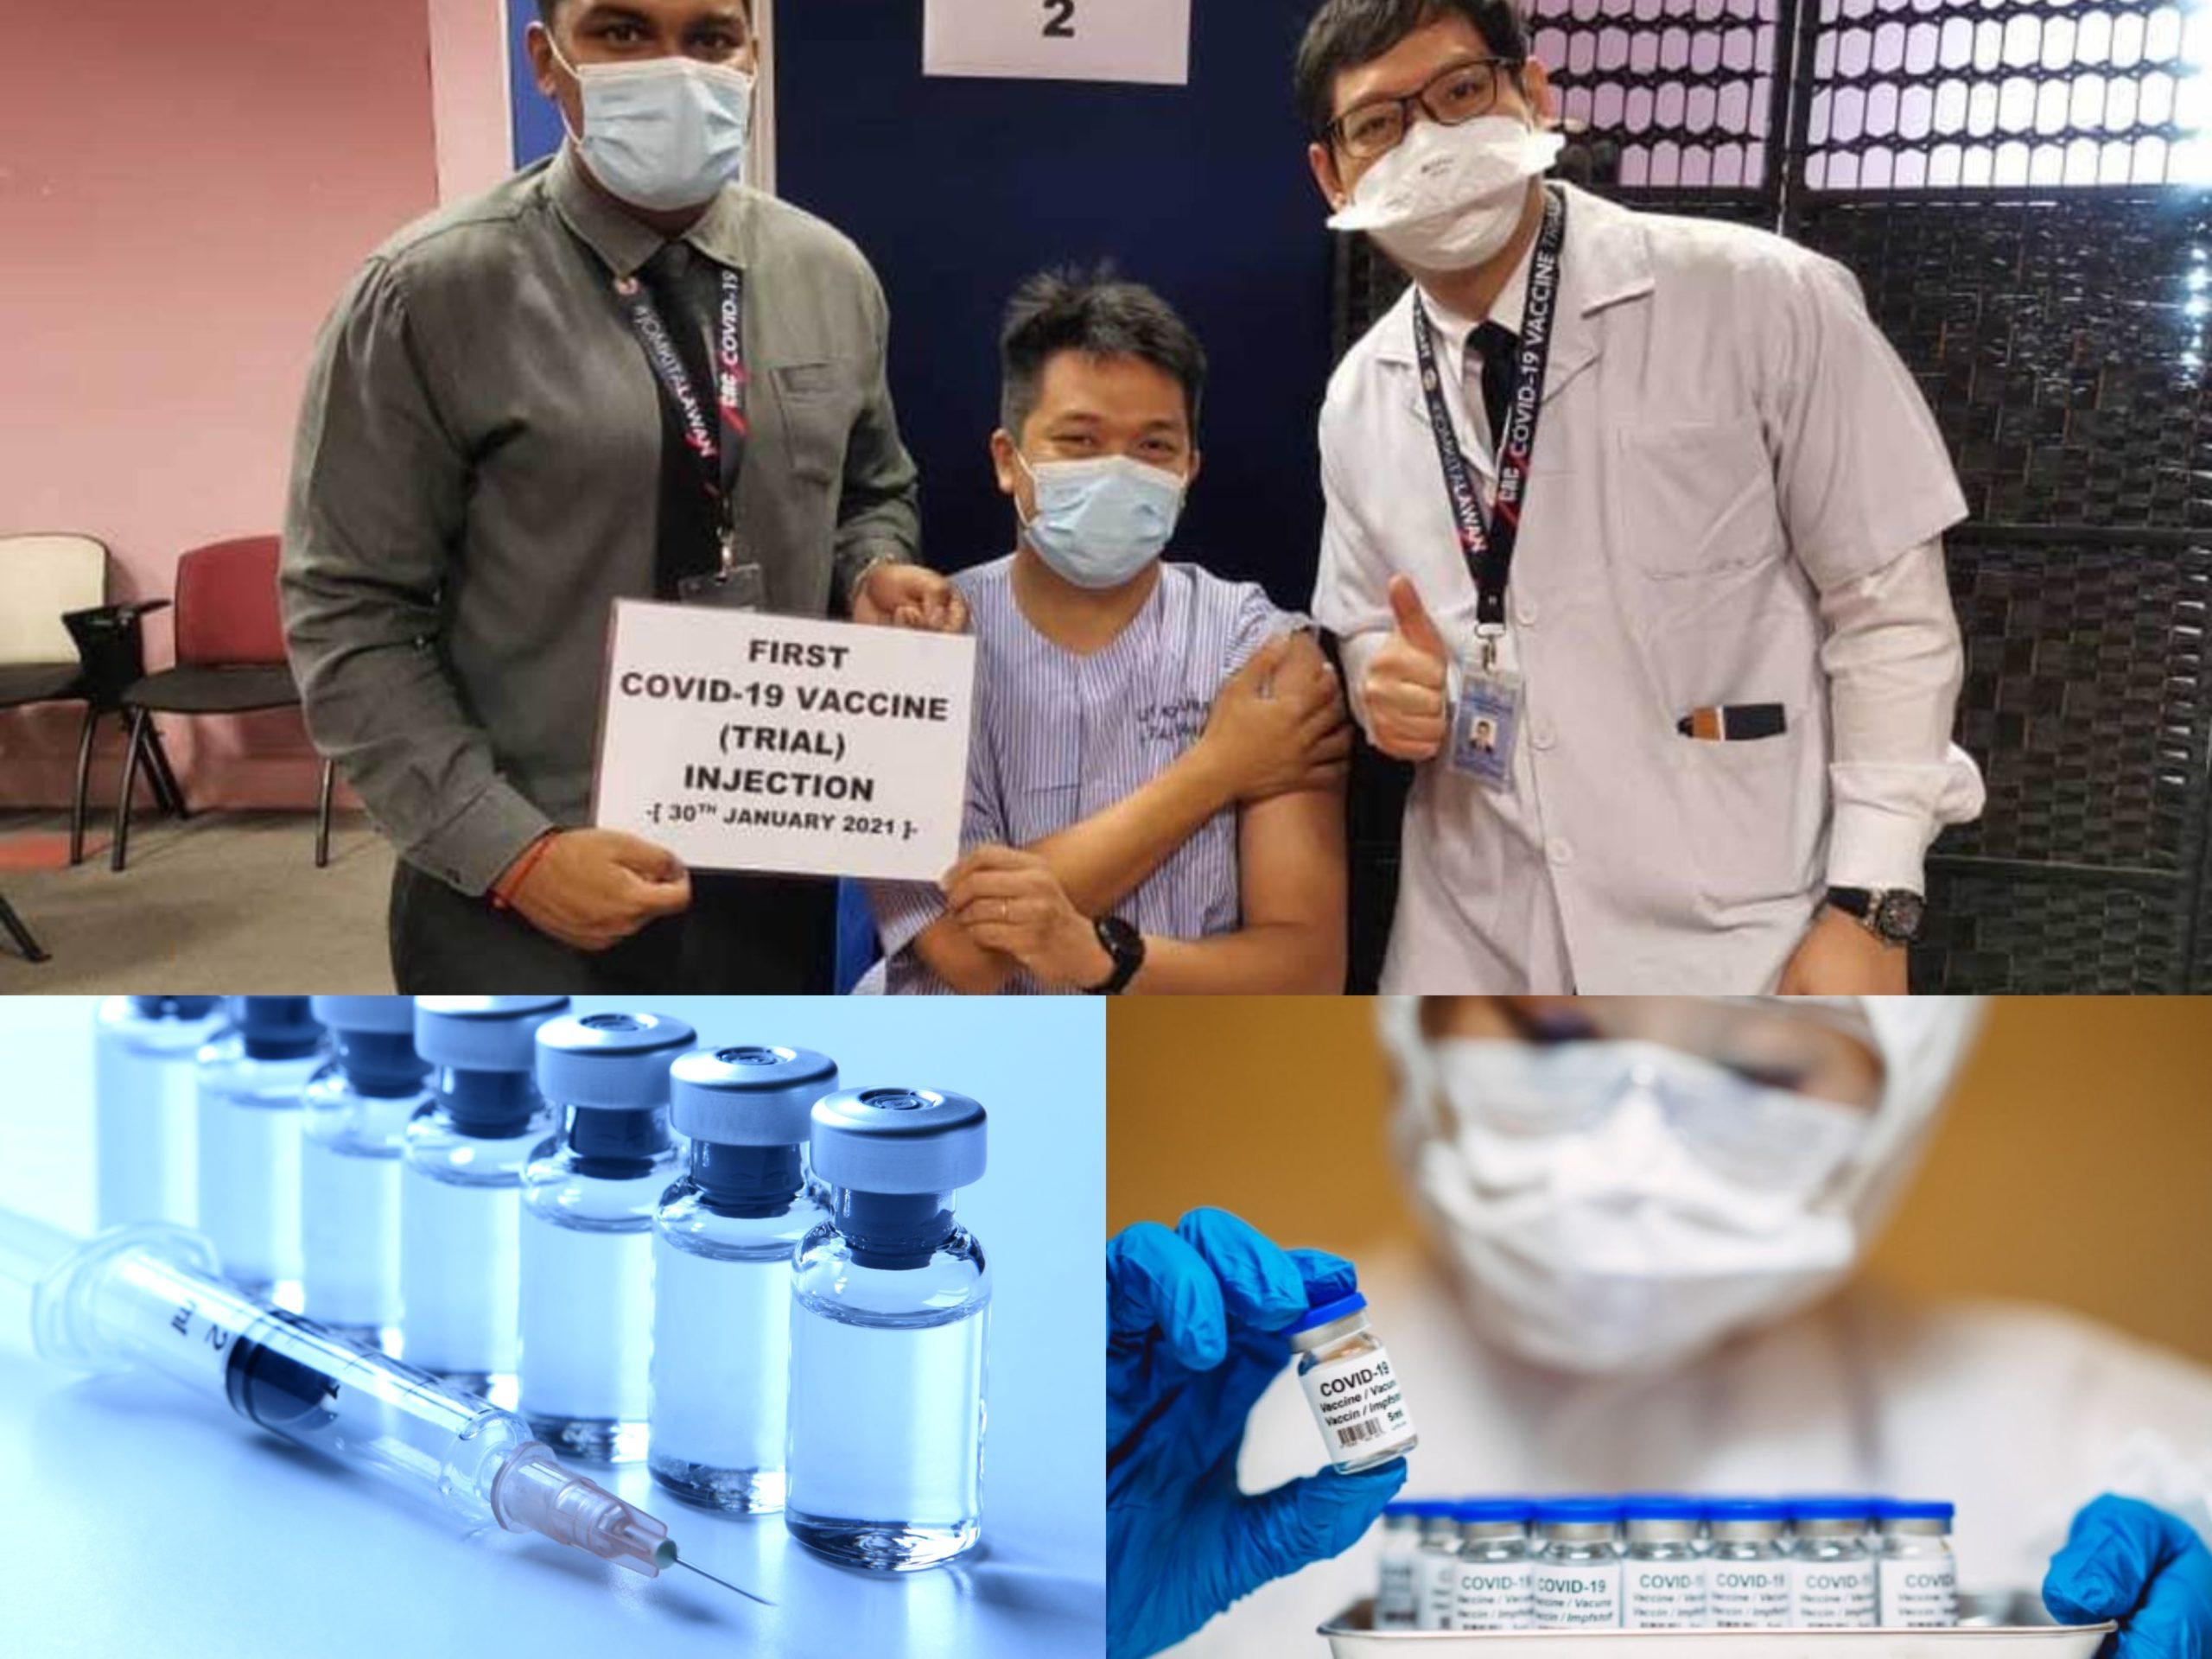 Kongsian Pengalaman Sukarelawan Yang Mengambil Vaksin Covid-19